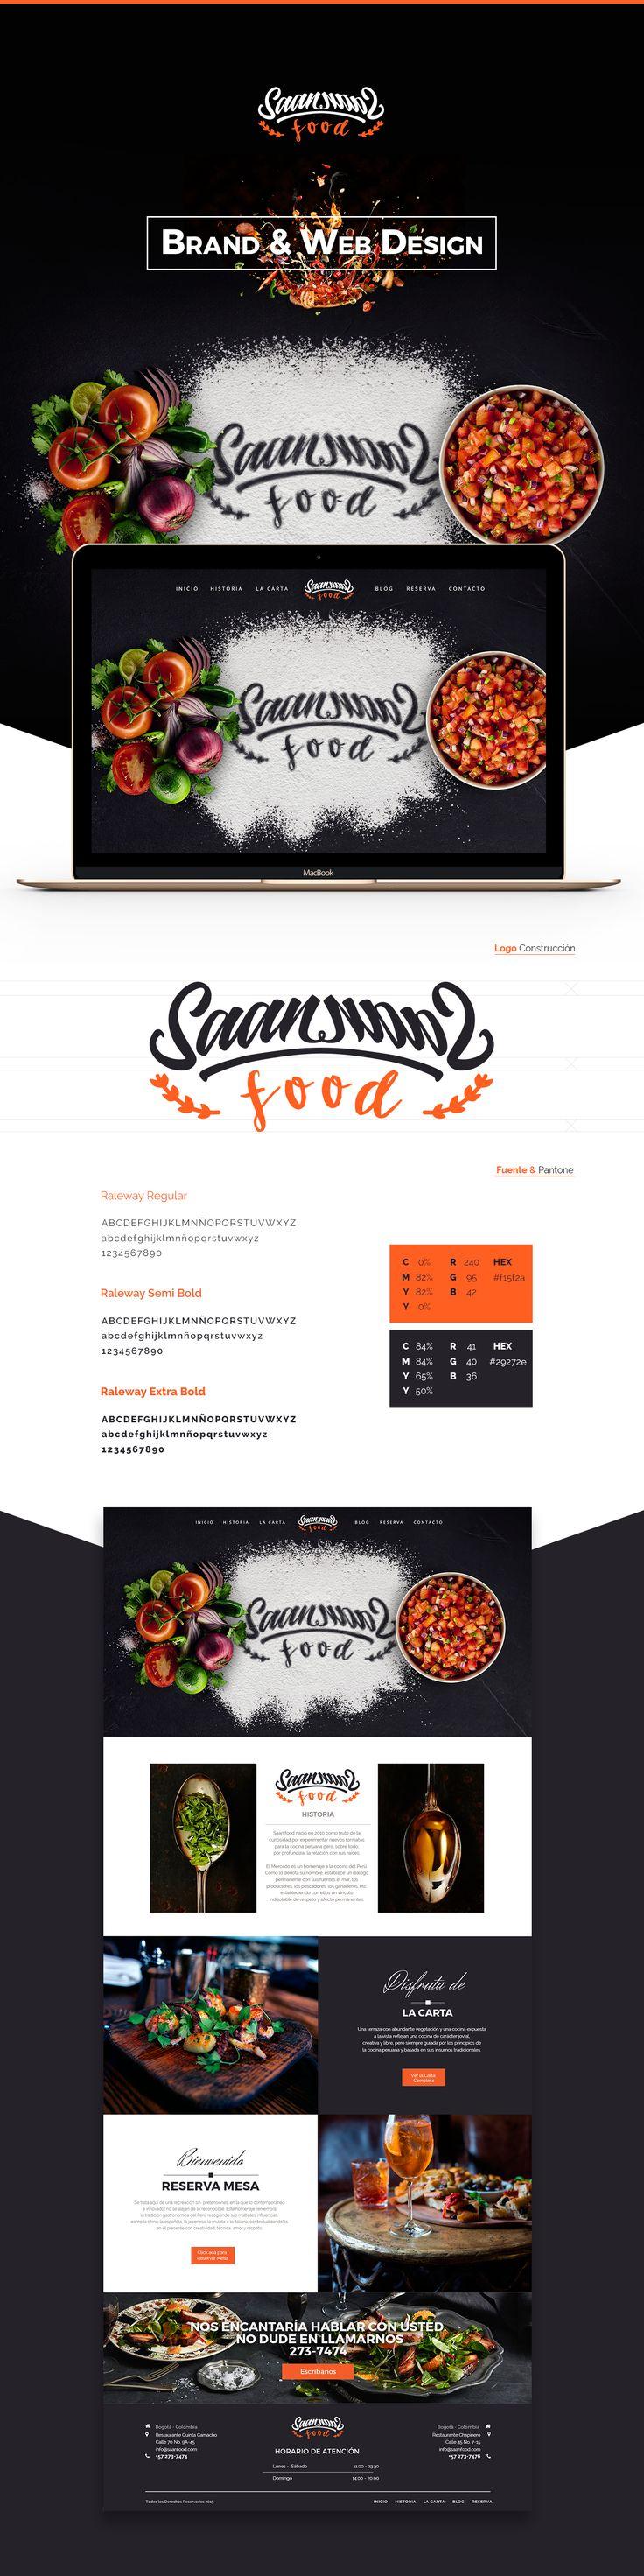 Saan Food - Sabor Registrado, es un restaurante de cocina Peruana Gourmet. Proyecto de Identidad, desarrollo de marca y desarrollo de sitio web.Saan Food- Registered Sabor, is a Peruvian cuisine restaurant Gourmet. Project Identity, branding and website…